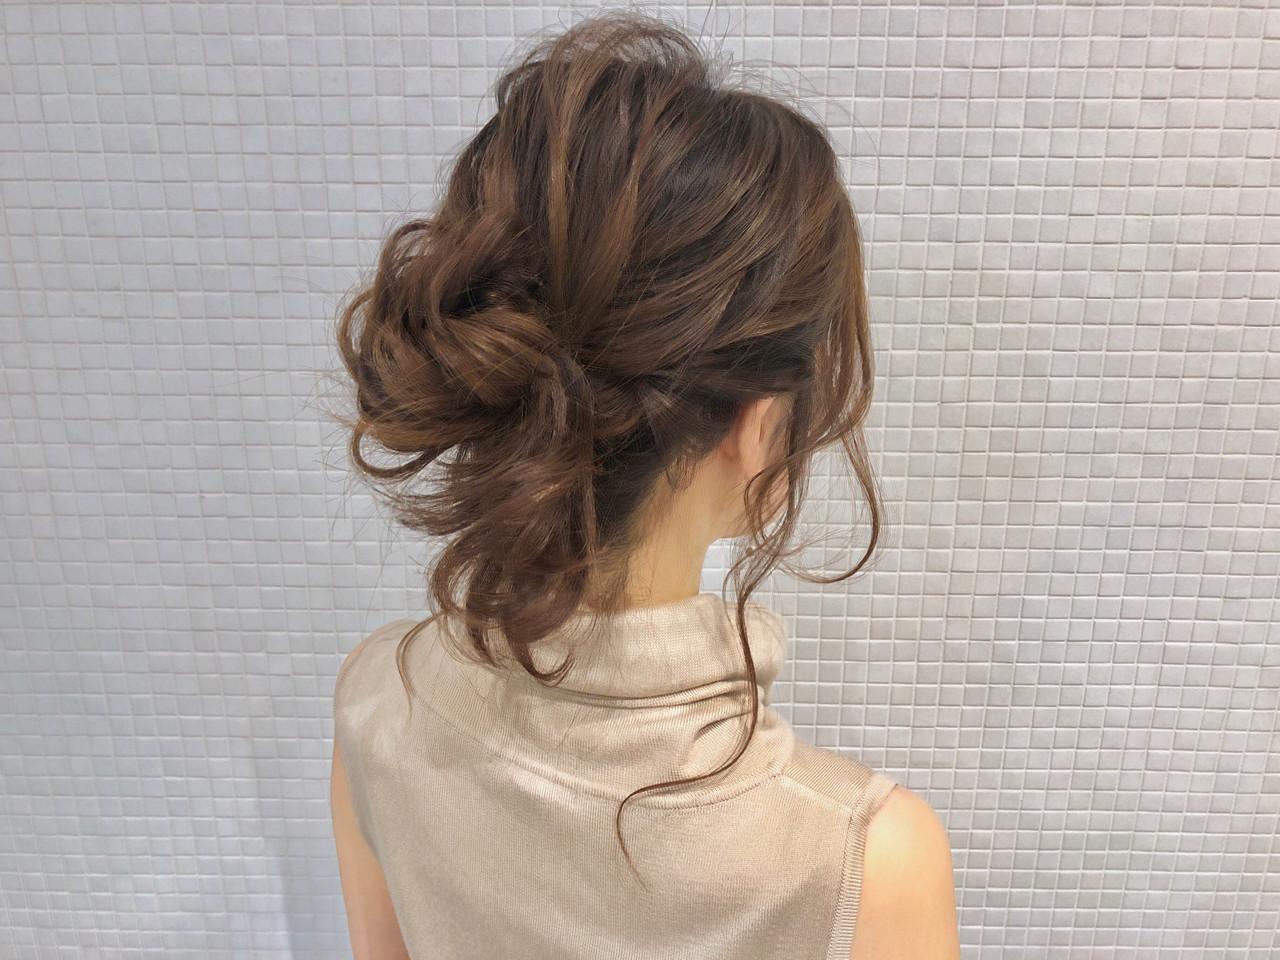 ヘアアレンジ ラティスバン ラティス 格子 ヘアスタイルや髪型の写真・画像